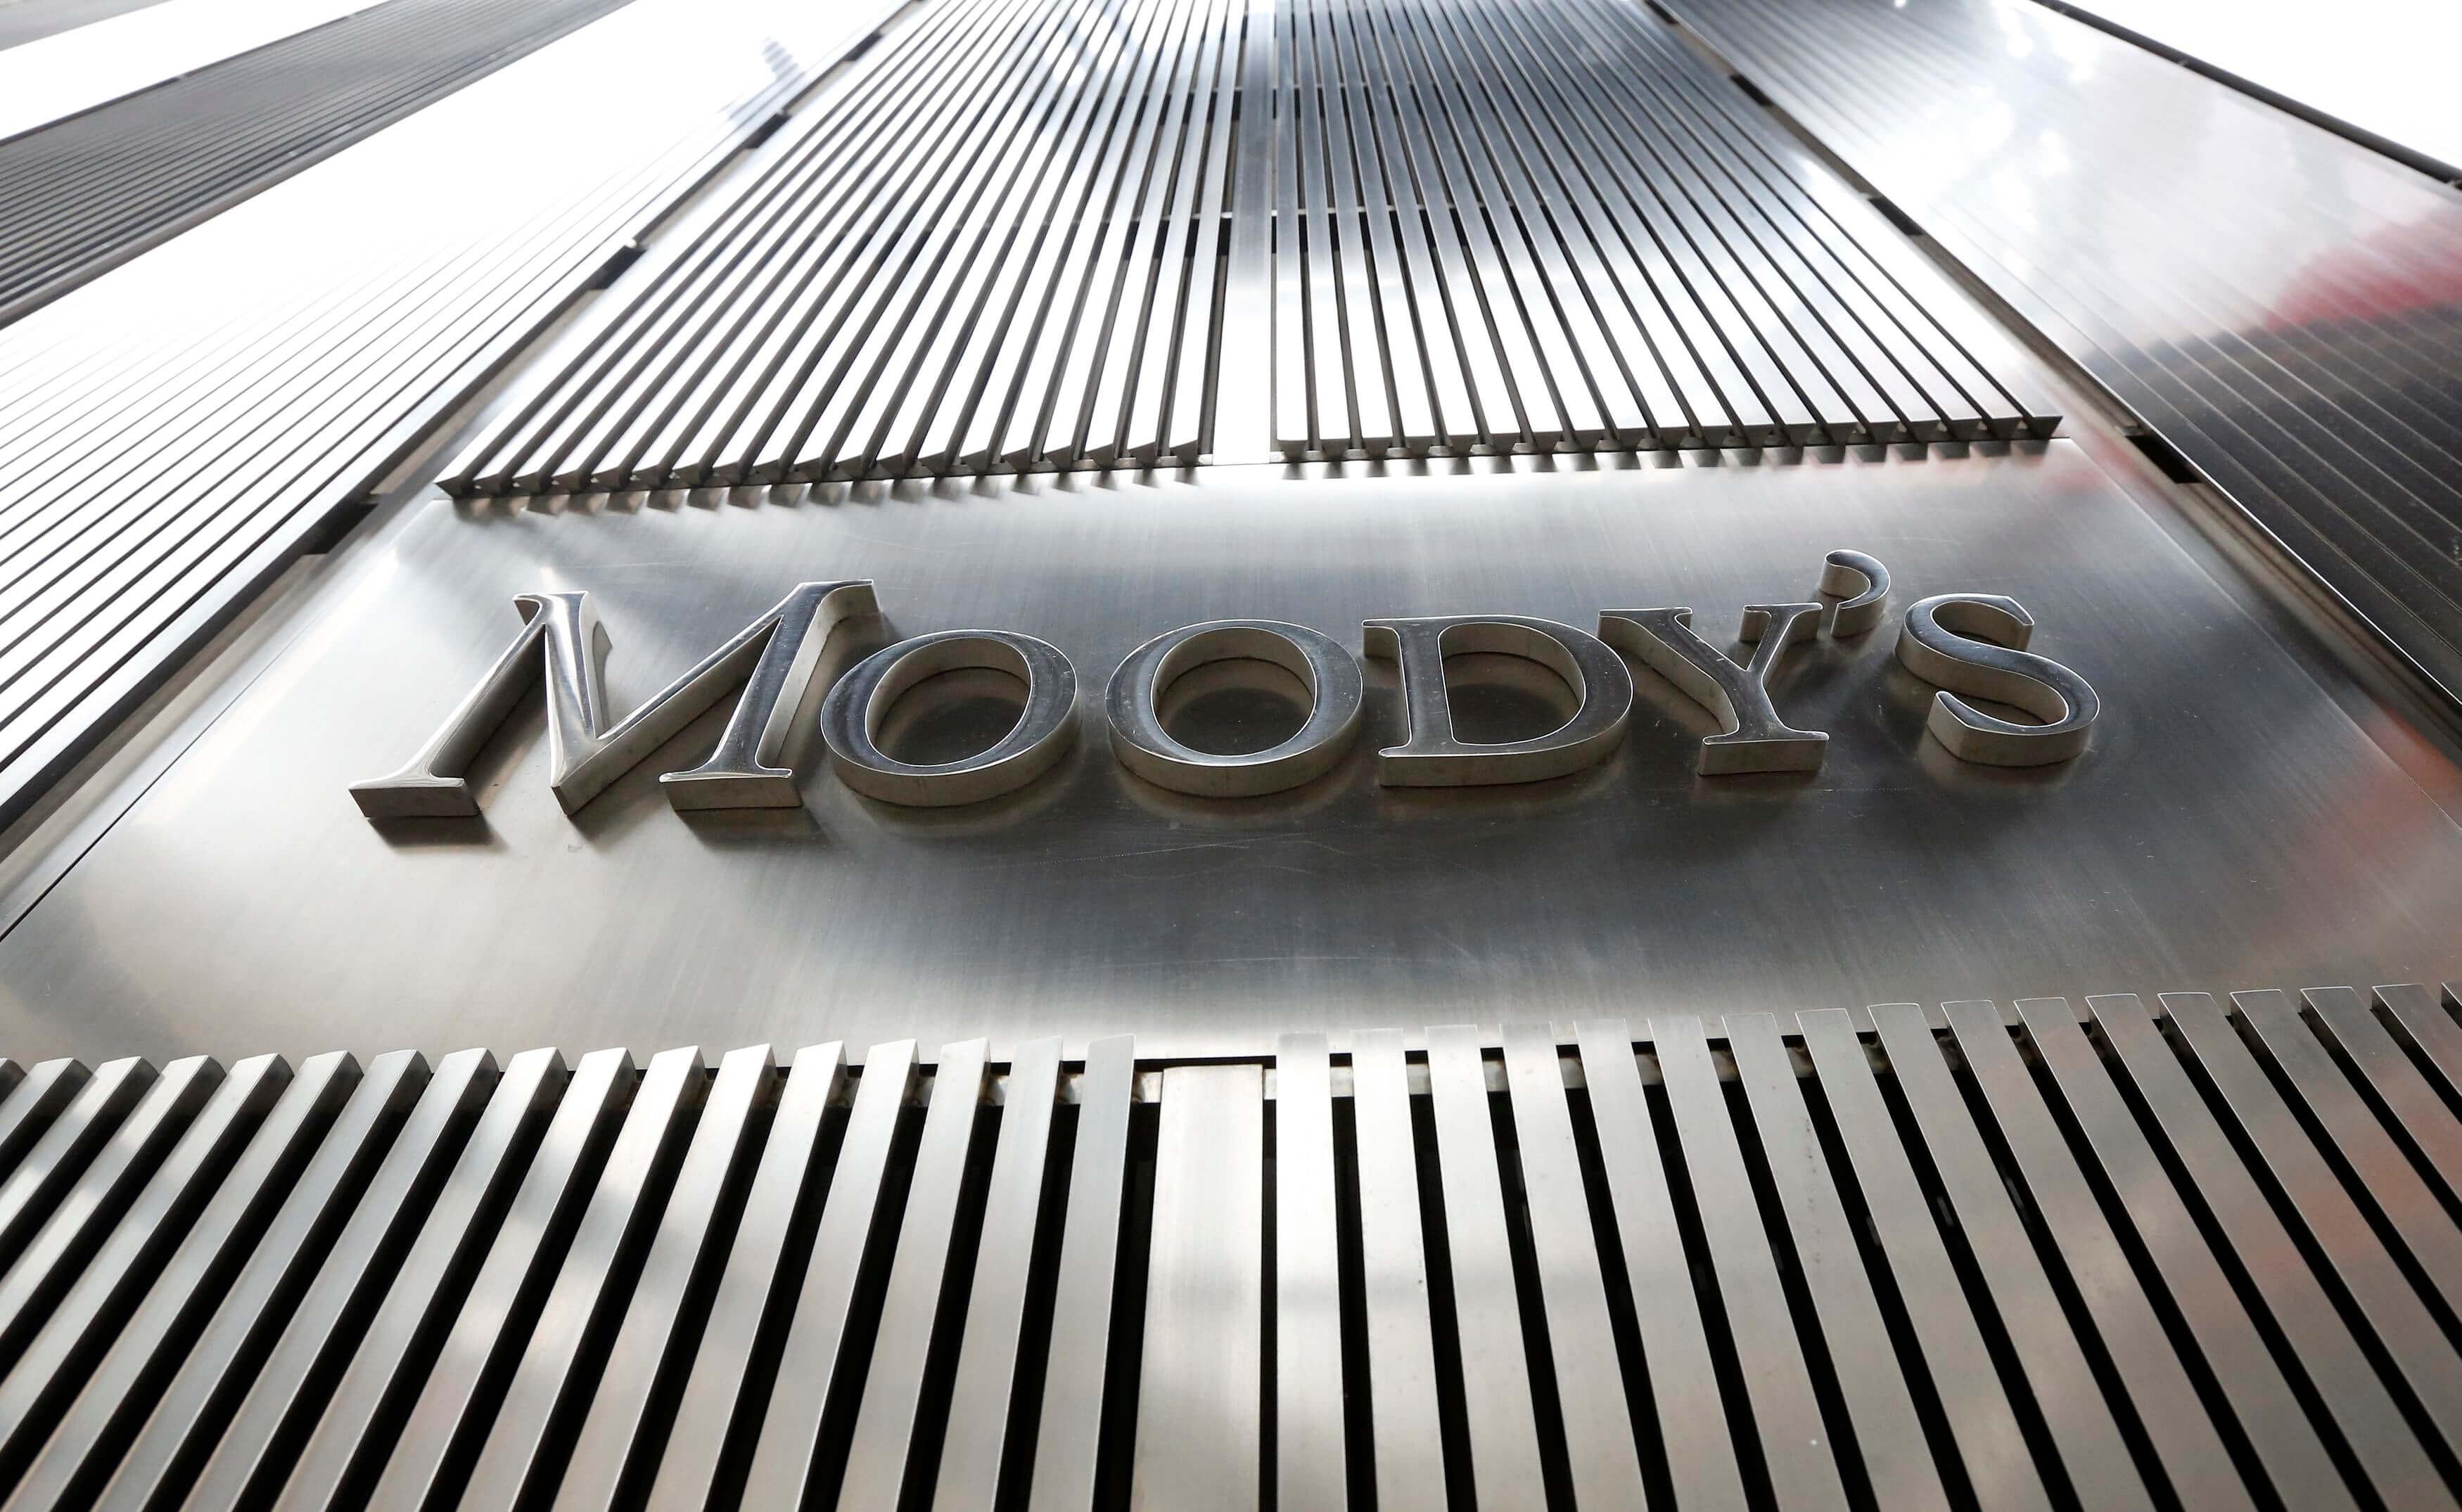 Ο Moody's αναβάθμισε τις ελληνικές τράπεζες